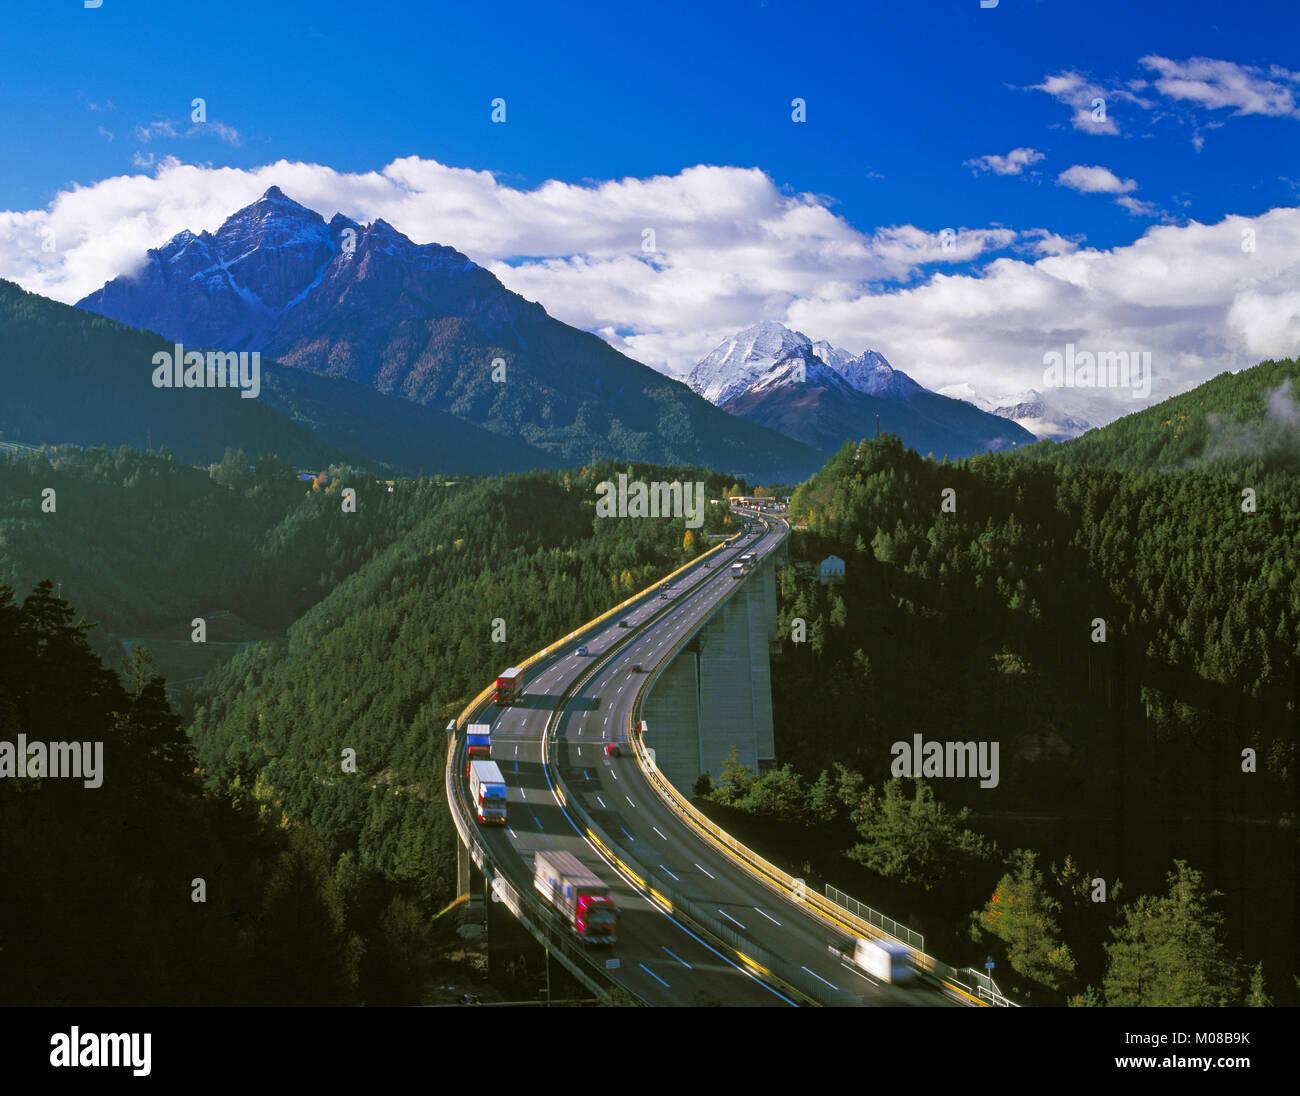 Europa Bridge on the Brenner Pass near Innsbruck, Tirol, Austria - Stock Image